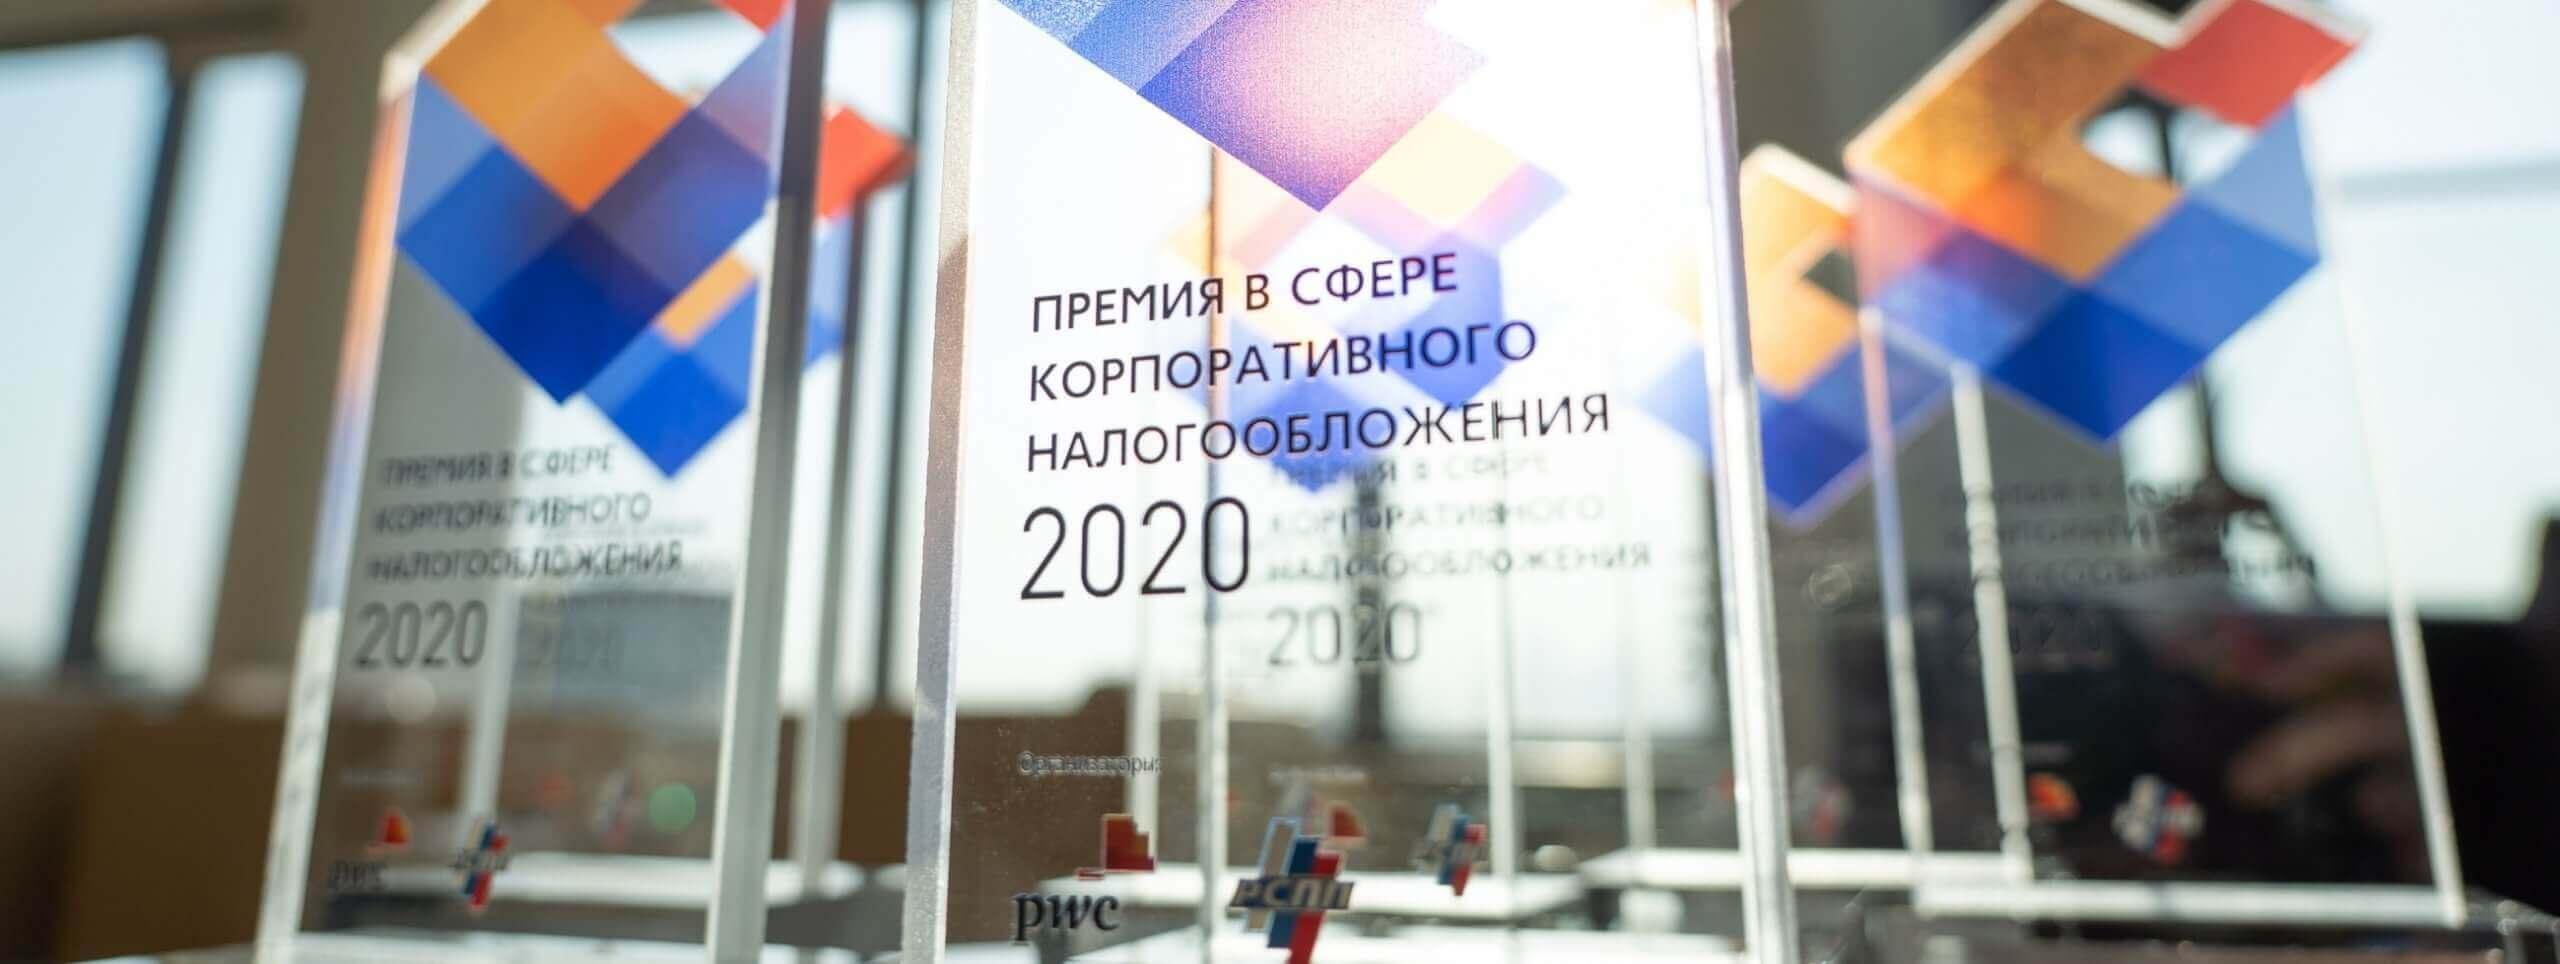 Определены победители Премии в сфере корпоративного налогообложения – 2020